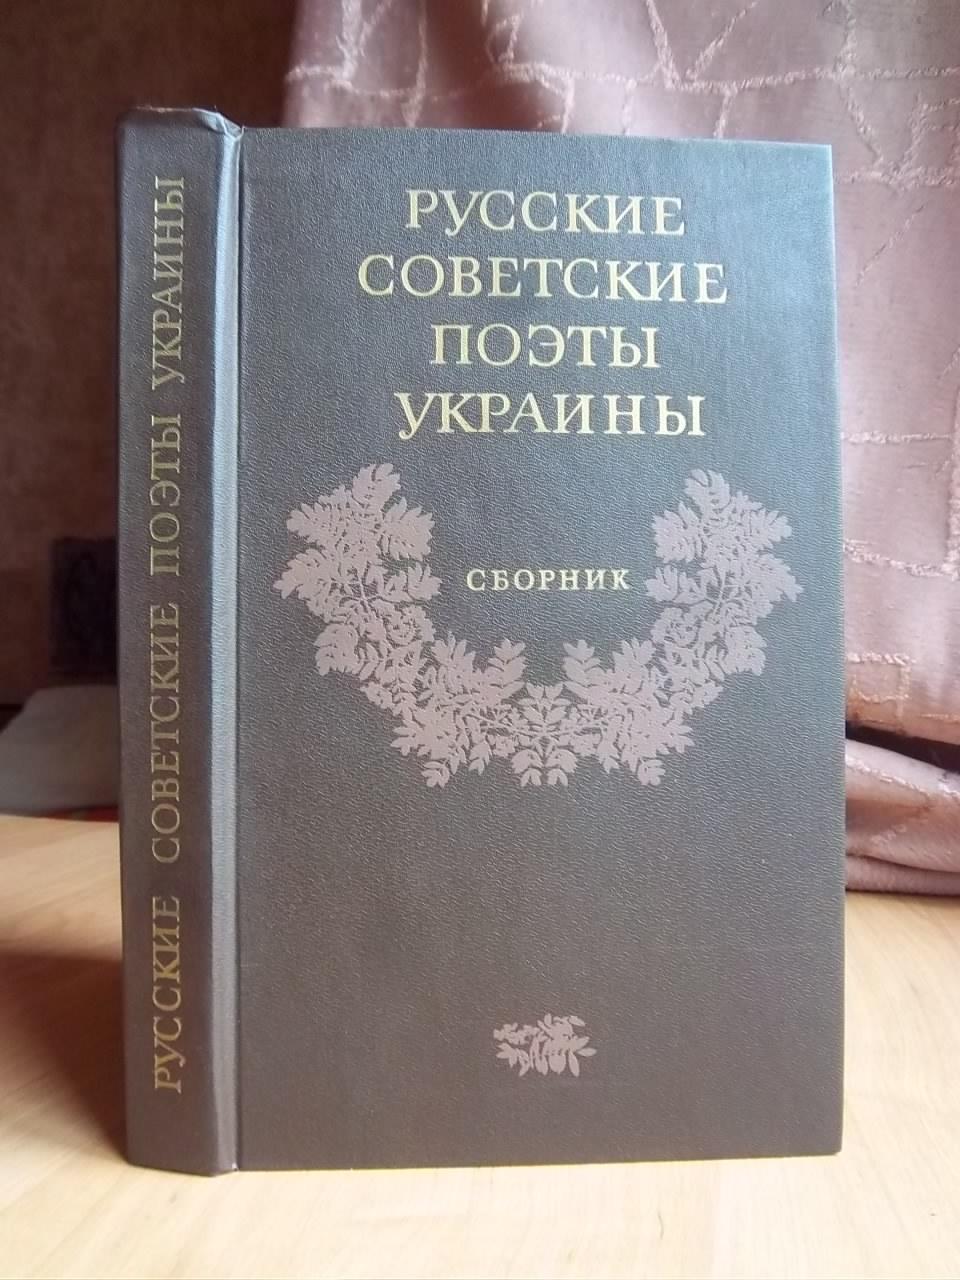 Русские советские поэты Украины Сборник